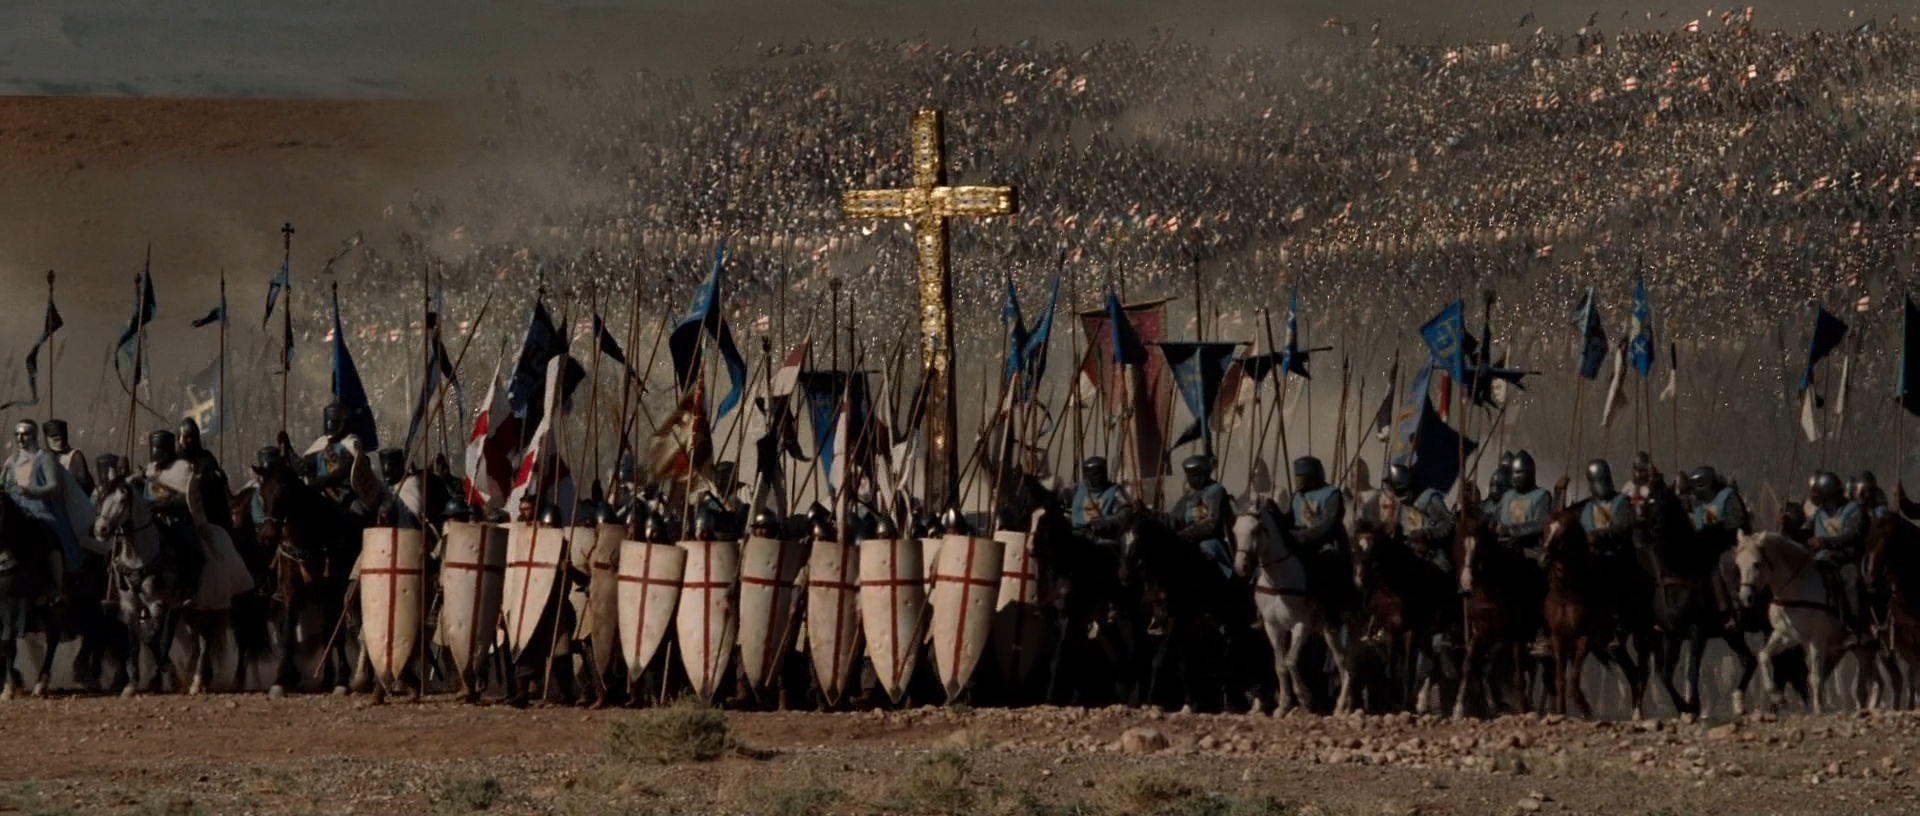 Фильмы о средневековье. Deus vult!. - Изображение 14